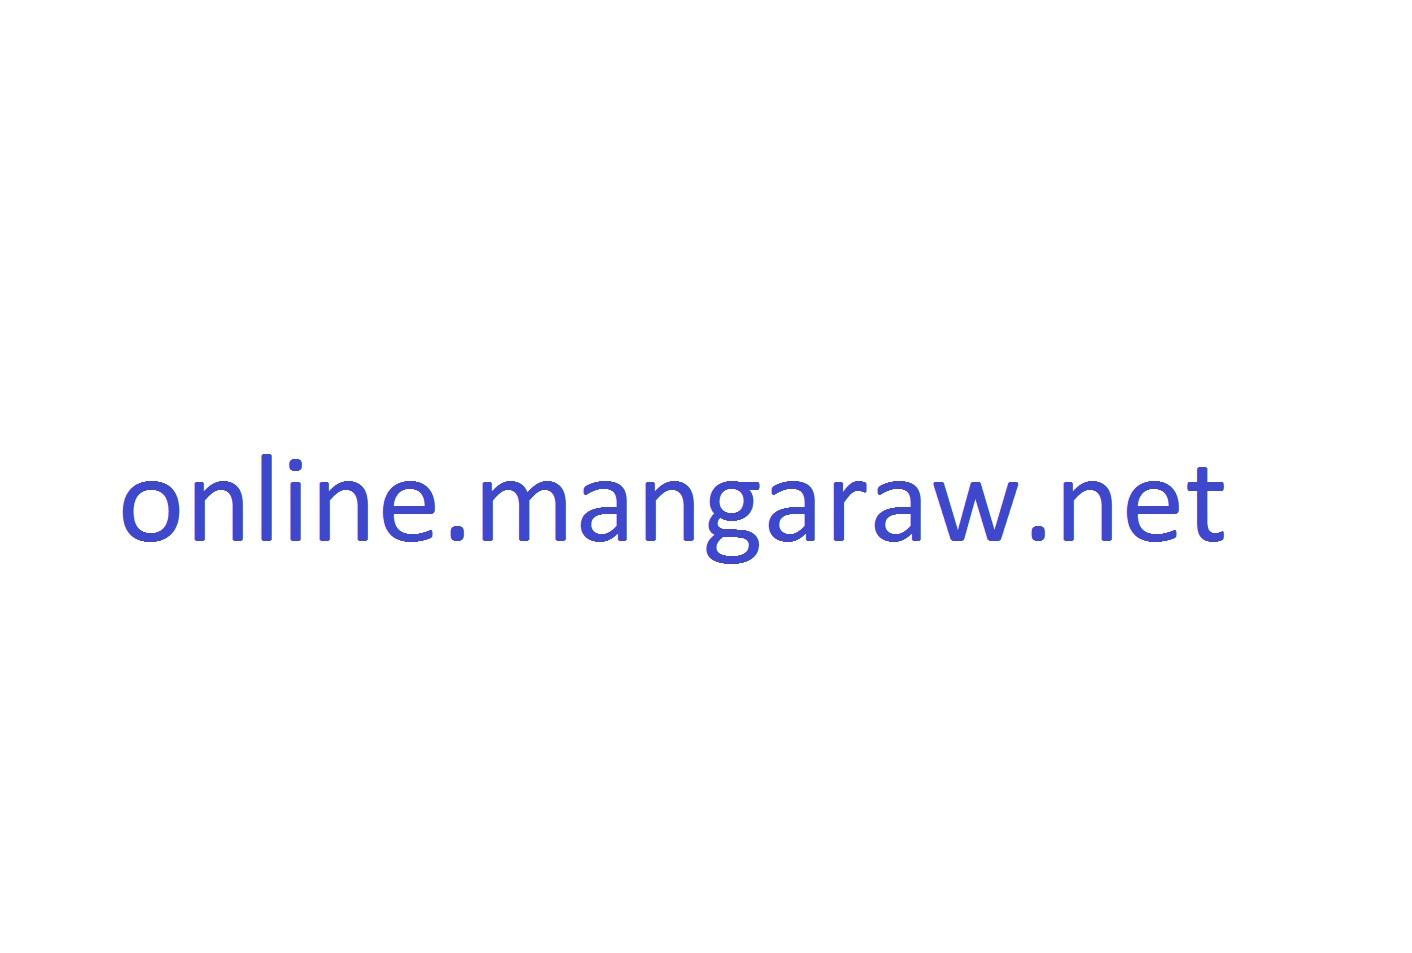 система для читать мангу хвост феи 540 глава добавить адрес или